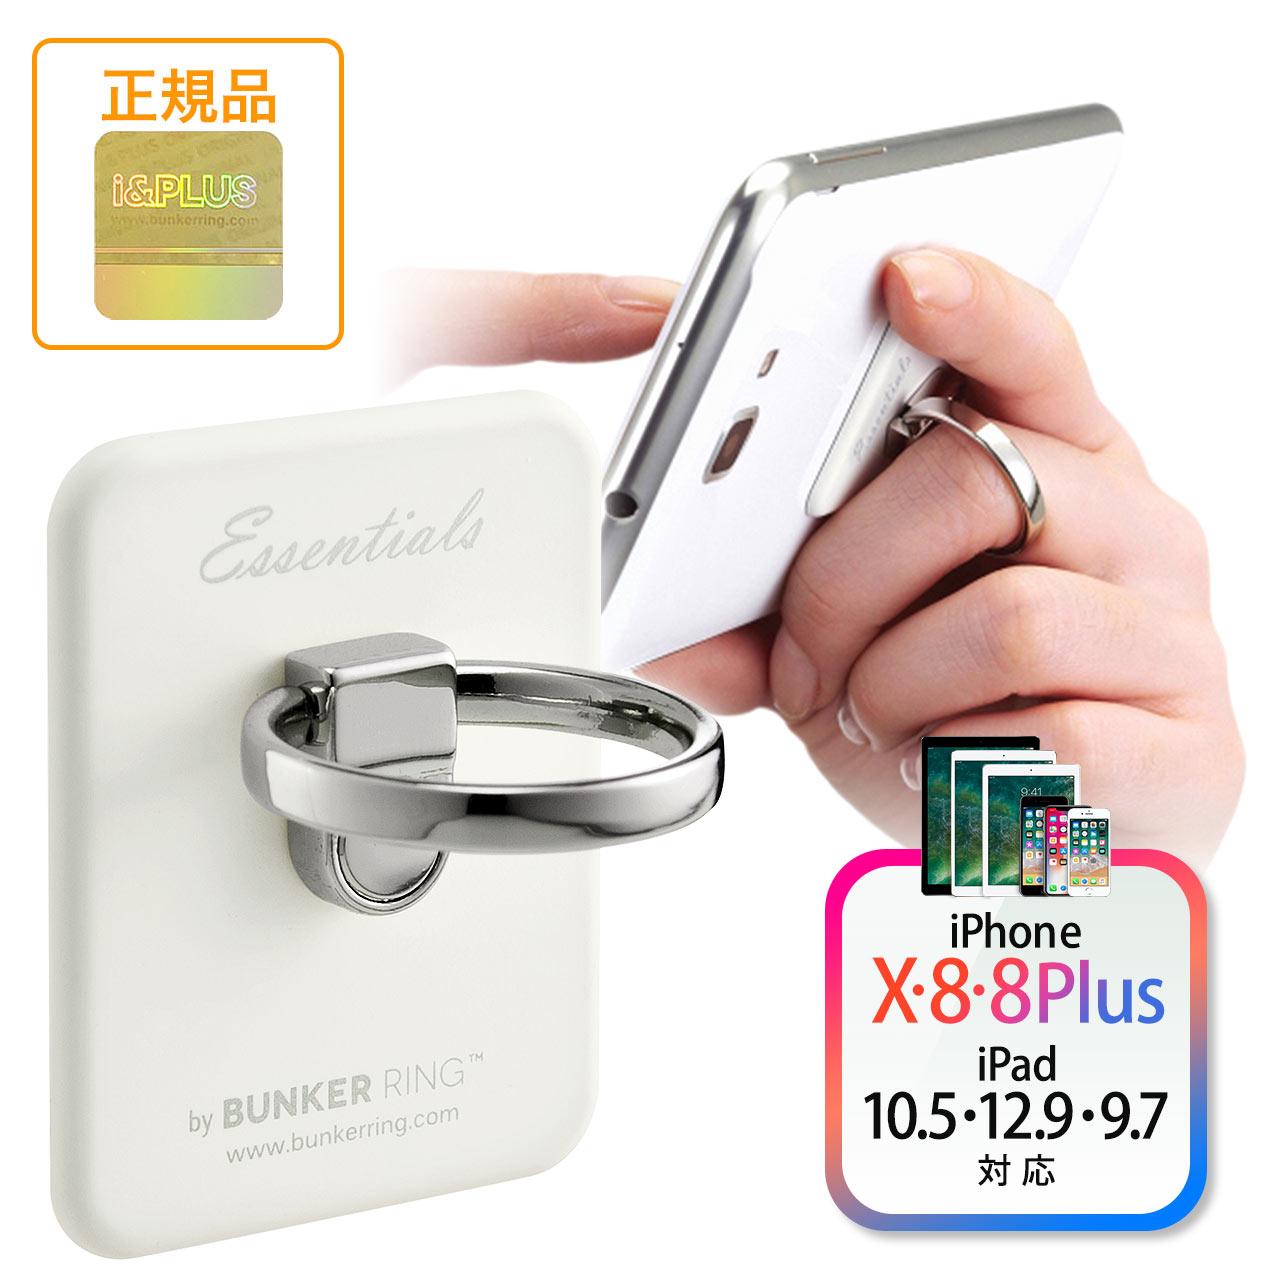 バンカーリング3(iPhone・iPad対応・Essential・正規品・ホワイト)【ネコポス送料無料】 サンワダイレクト サンワサプライ 200-IPP017W